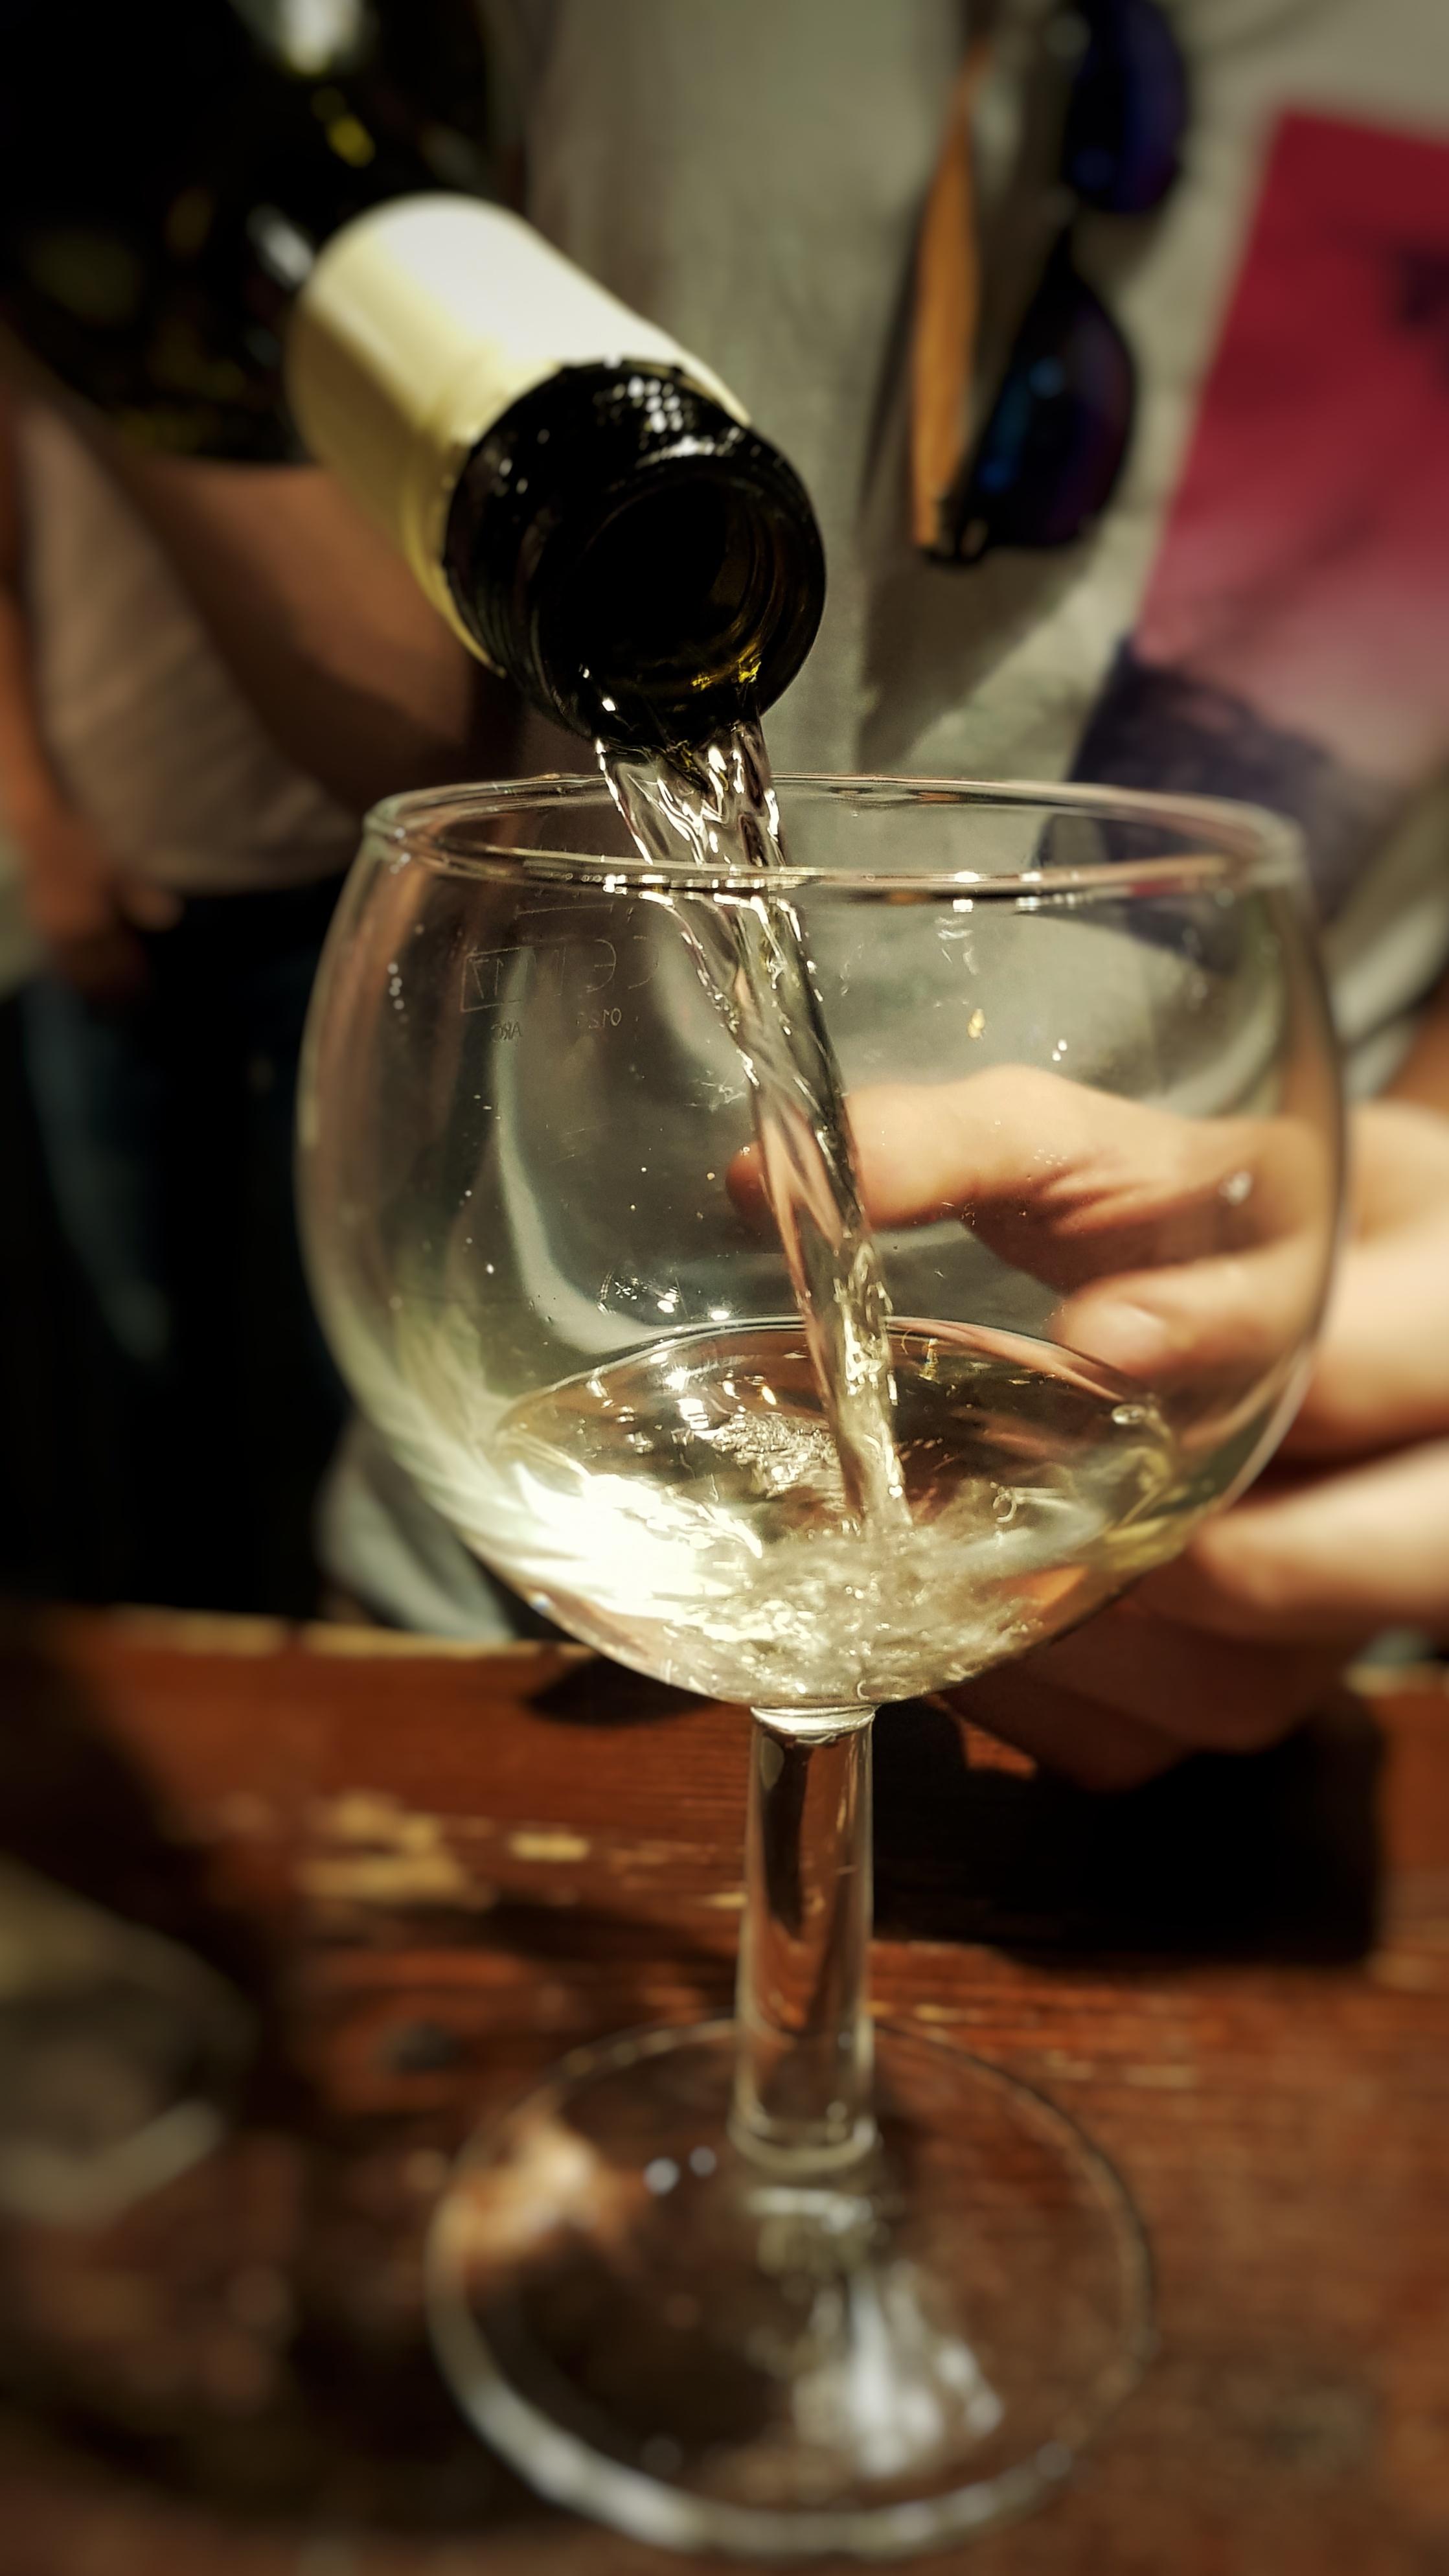 Glas Wein am Rüdesheimer Platz.jpeg